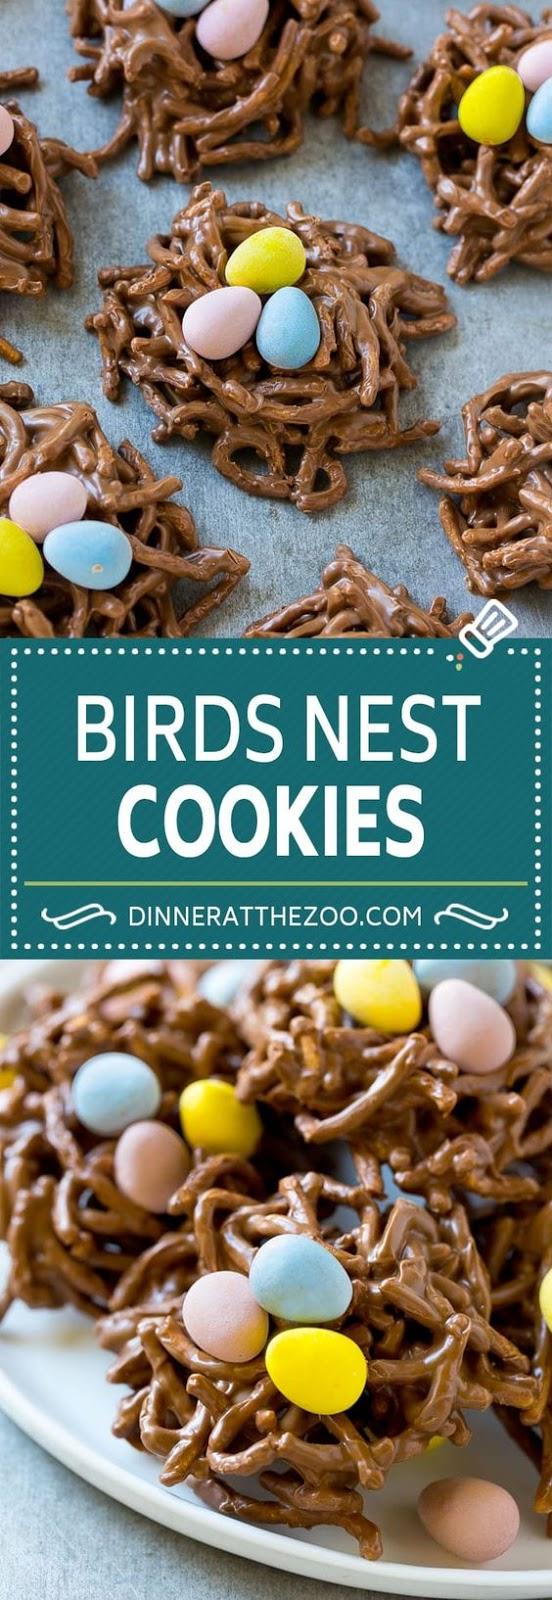 Birds Nest Cookies | Chow Mein Noodle Cookies | Easter Cookies | No Bake Cookies #easter #cookies #chocolate #nobake #dessert #dinneratthezoo